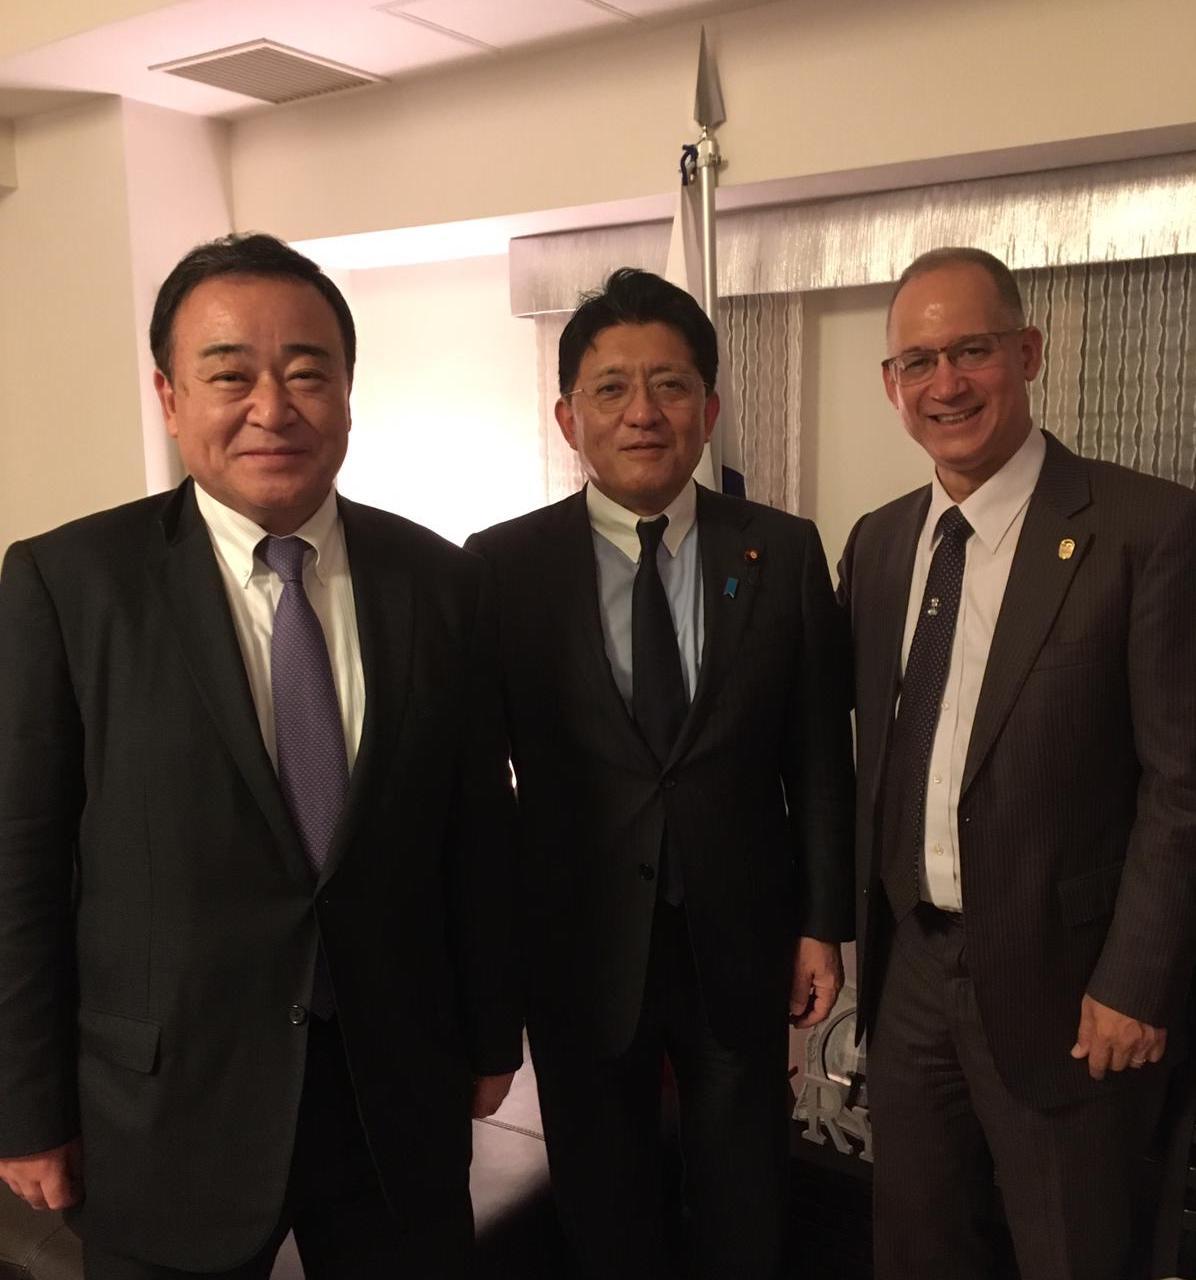 (右から)ディアス大使、平井大臣、梶山議員